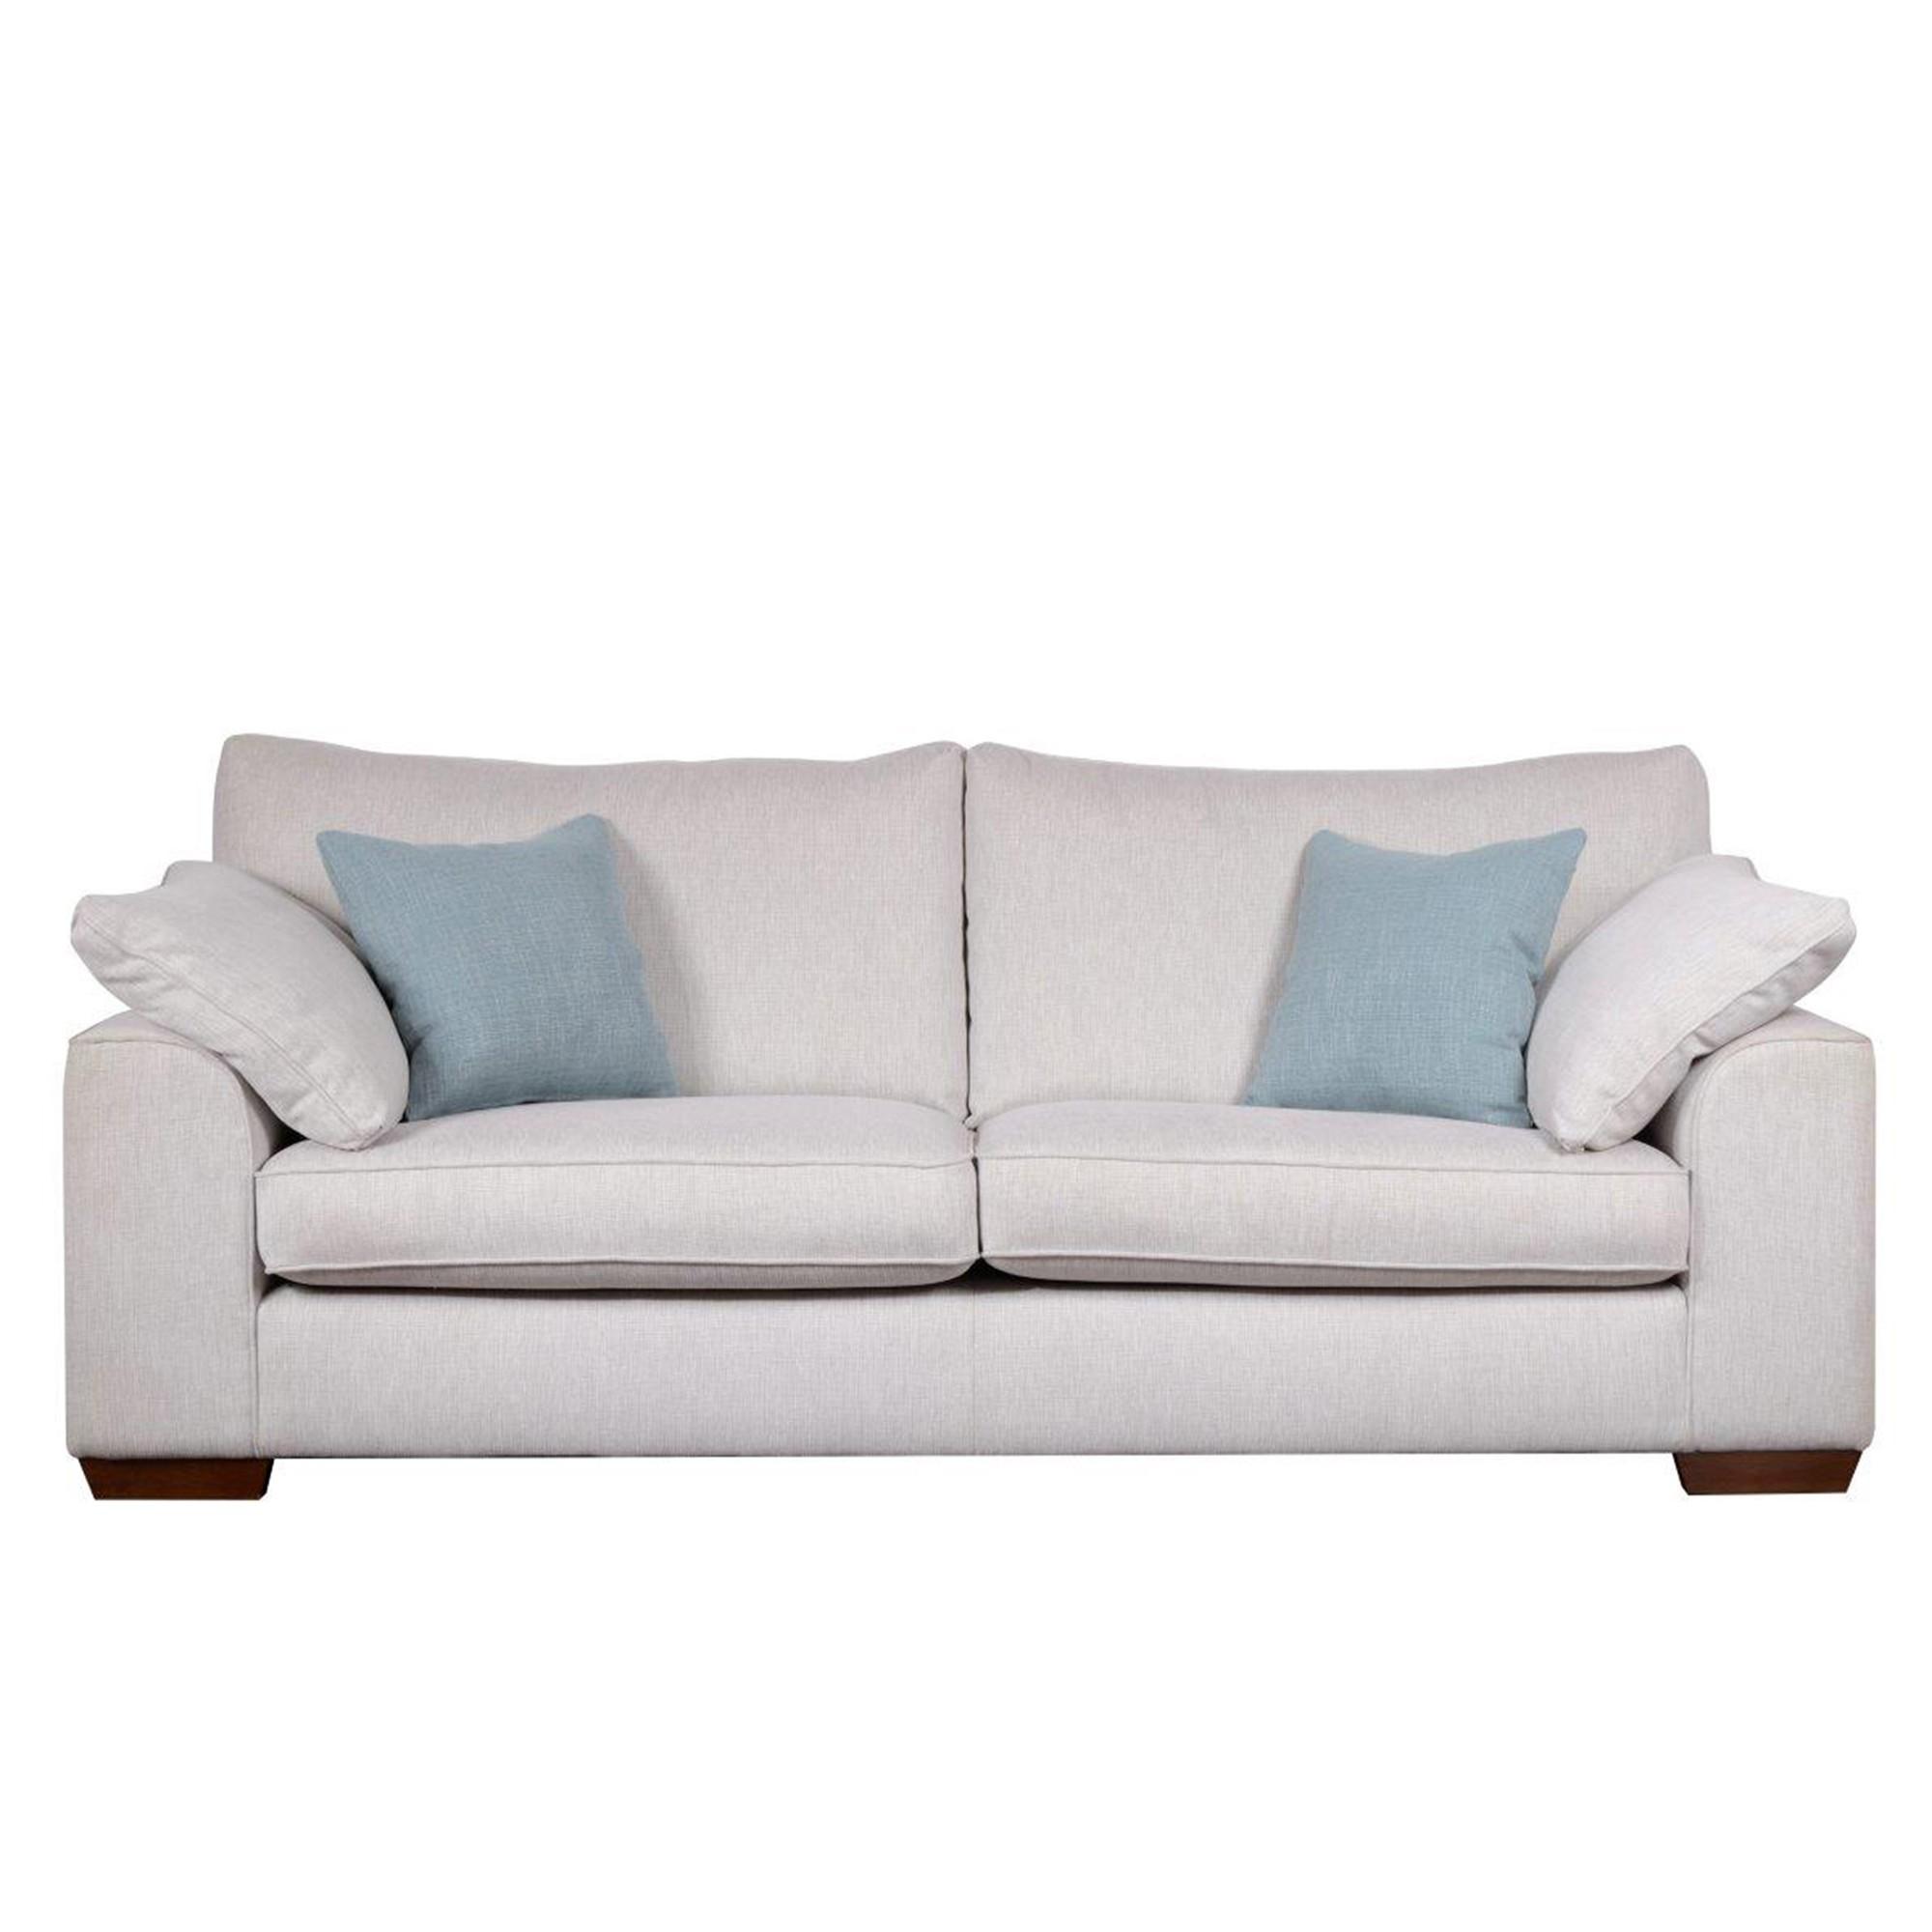 big sofa beige best princess plush rustic bedside large. Black Bedroom Furniture Sets. Home Design Ideas